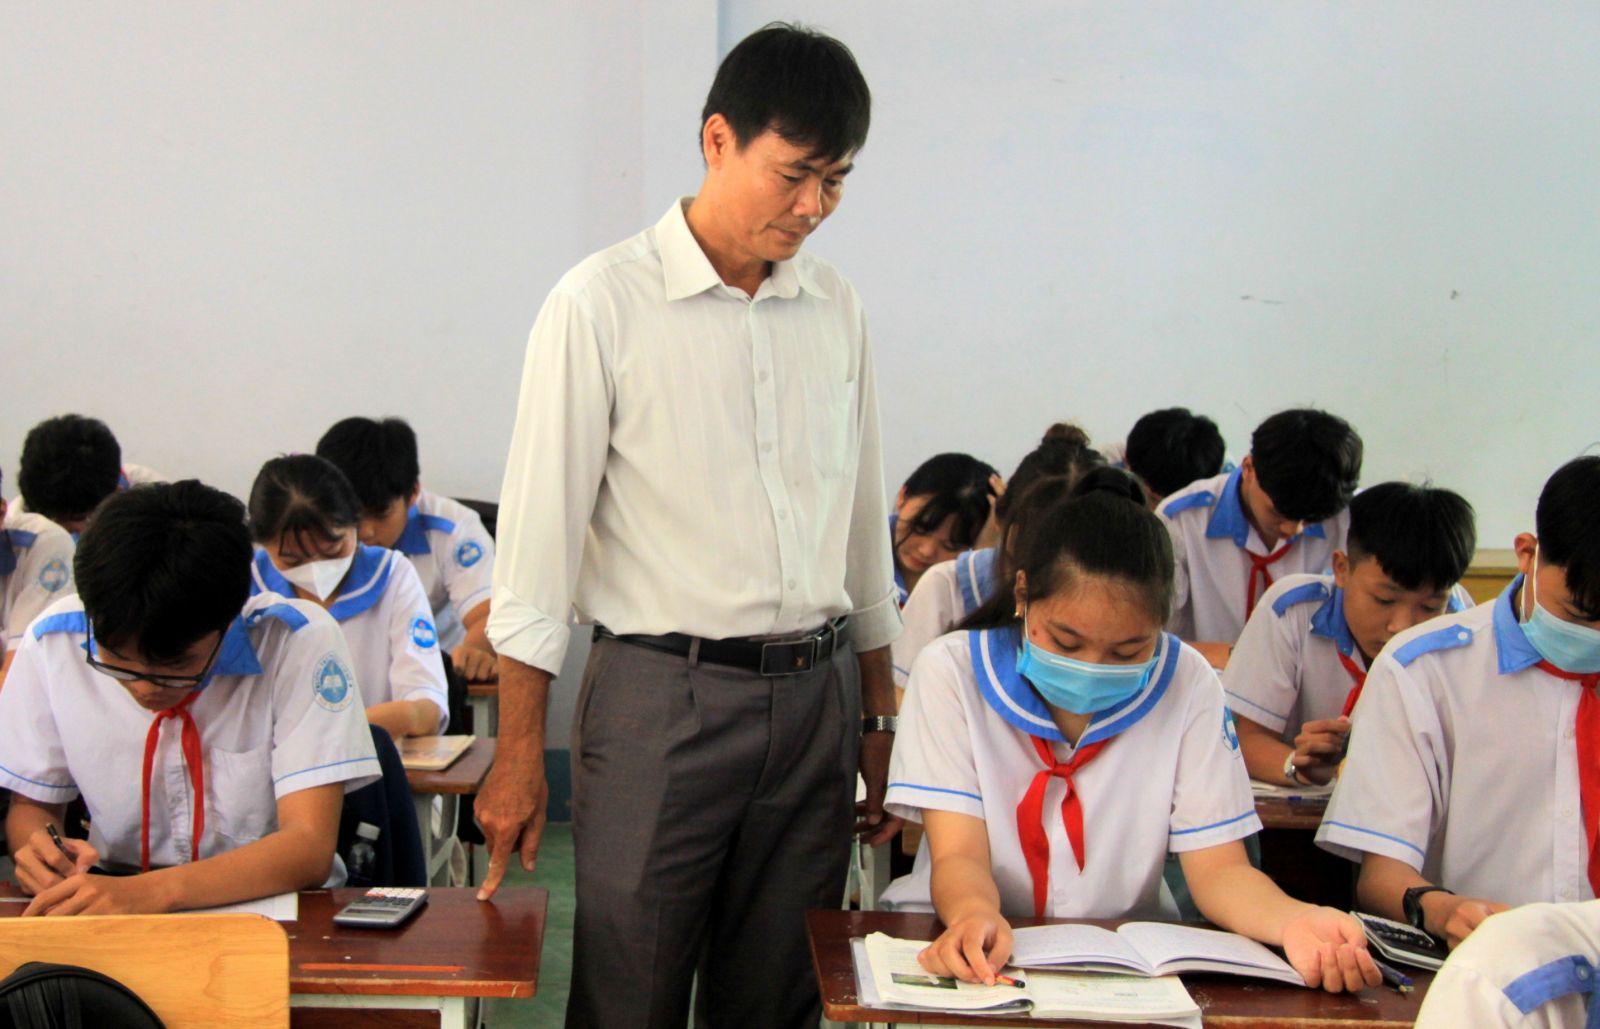 Giáo viên bộ môn theo sát quá trình học tập của học sinh lớp 9, nắm rõ học lực các em, từ đó cho lời khuyên về hướng đi phù hợp trong tương lai (Ảnh tư liệu)